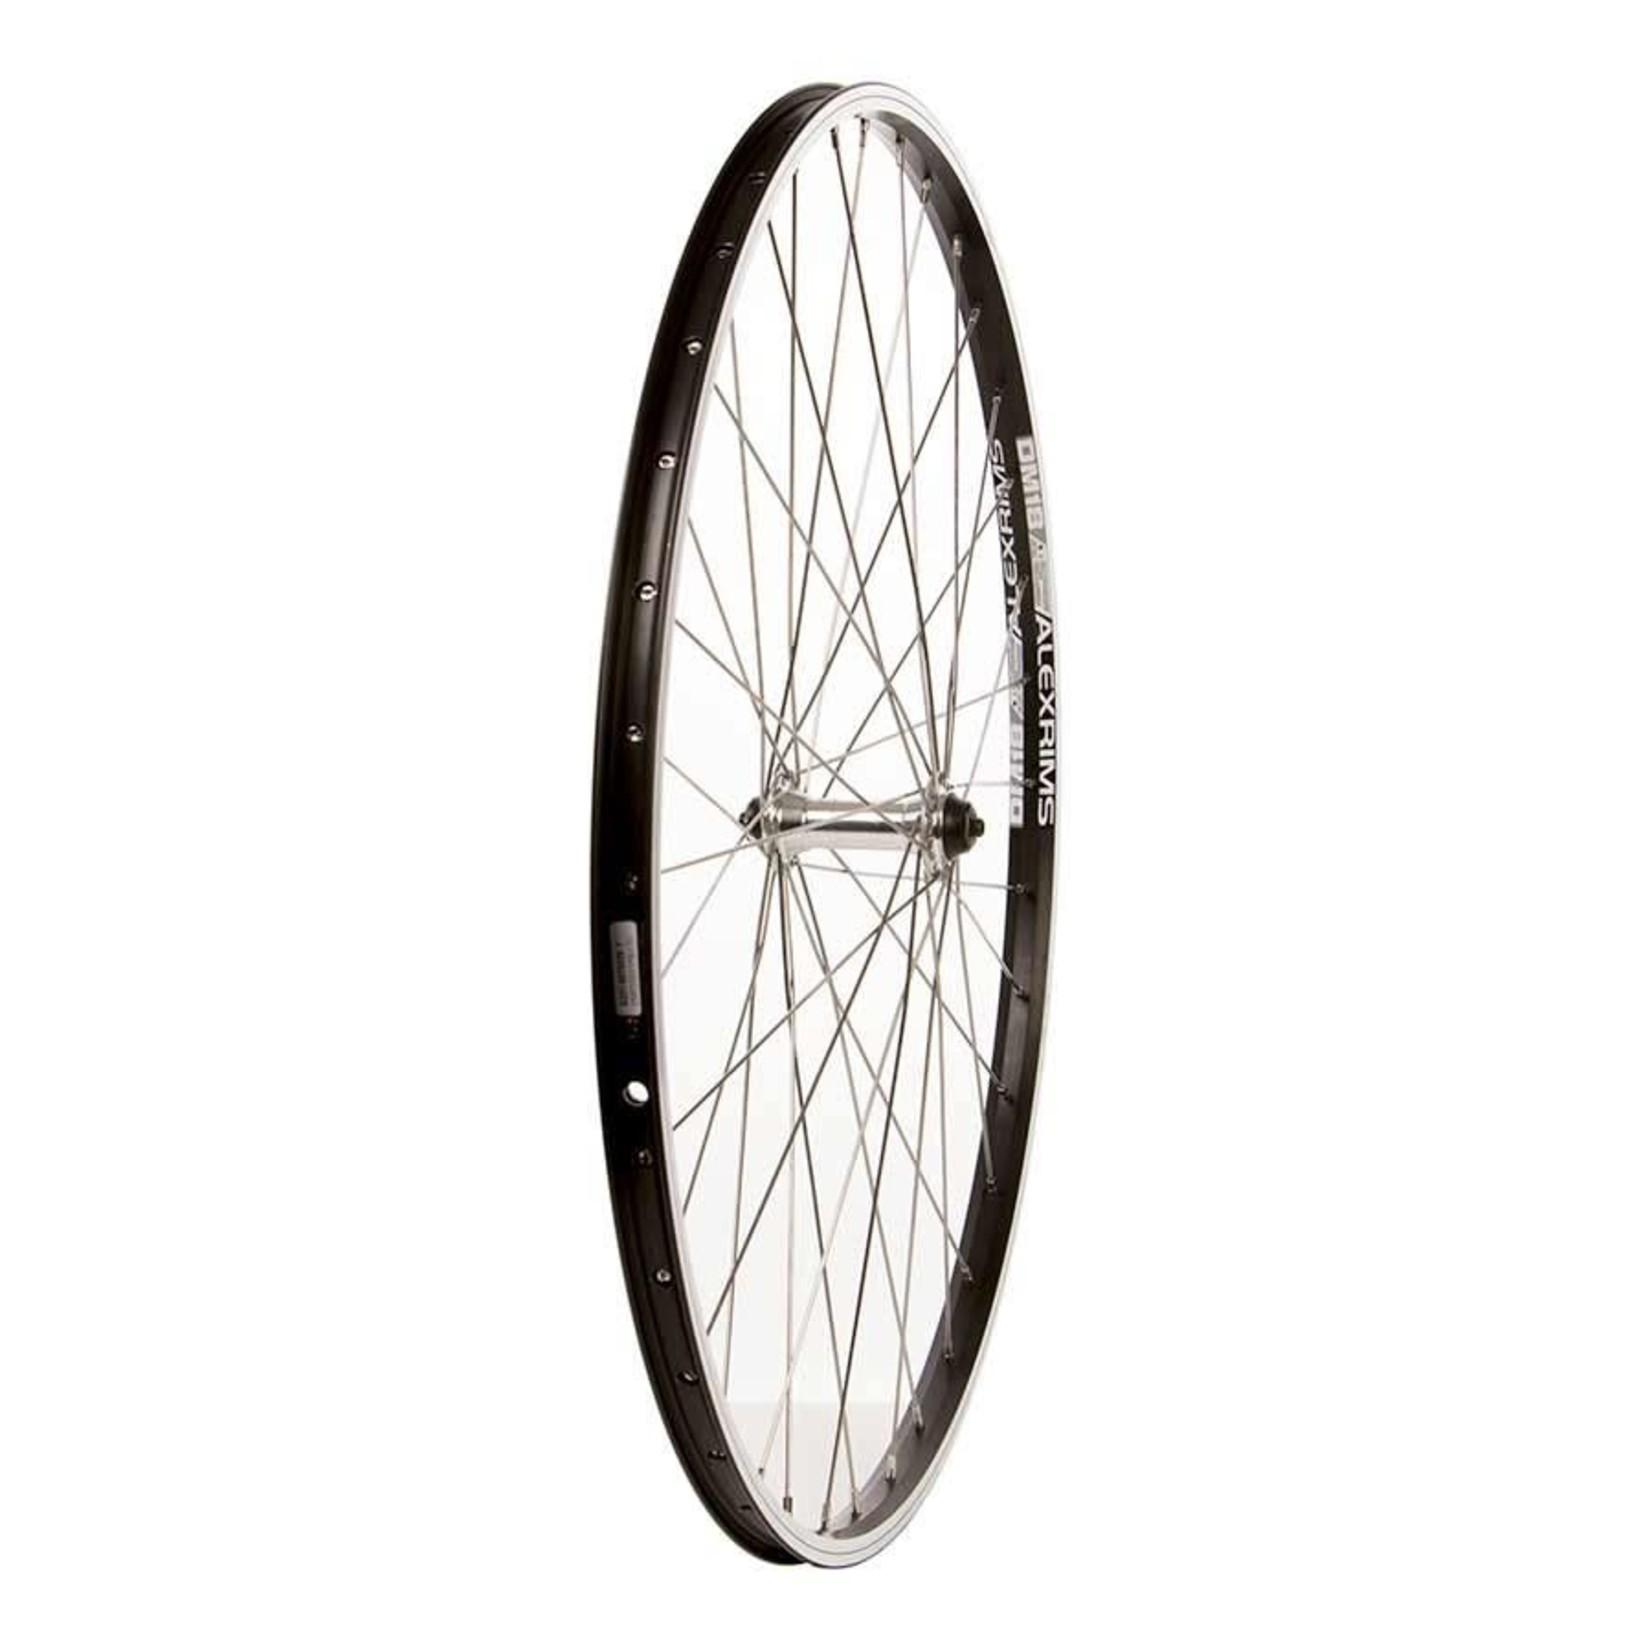 The Wheel Shop Alex DM18 Noir/ Formula FM-21, Roue, Avant, 700C / 622, Trous: 36, Boulons, 100mm, Sur jante